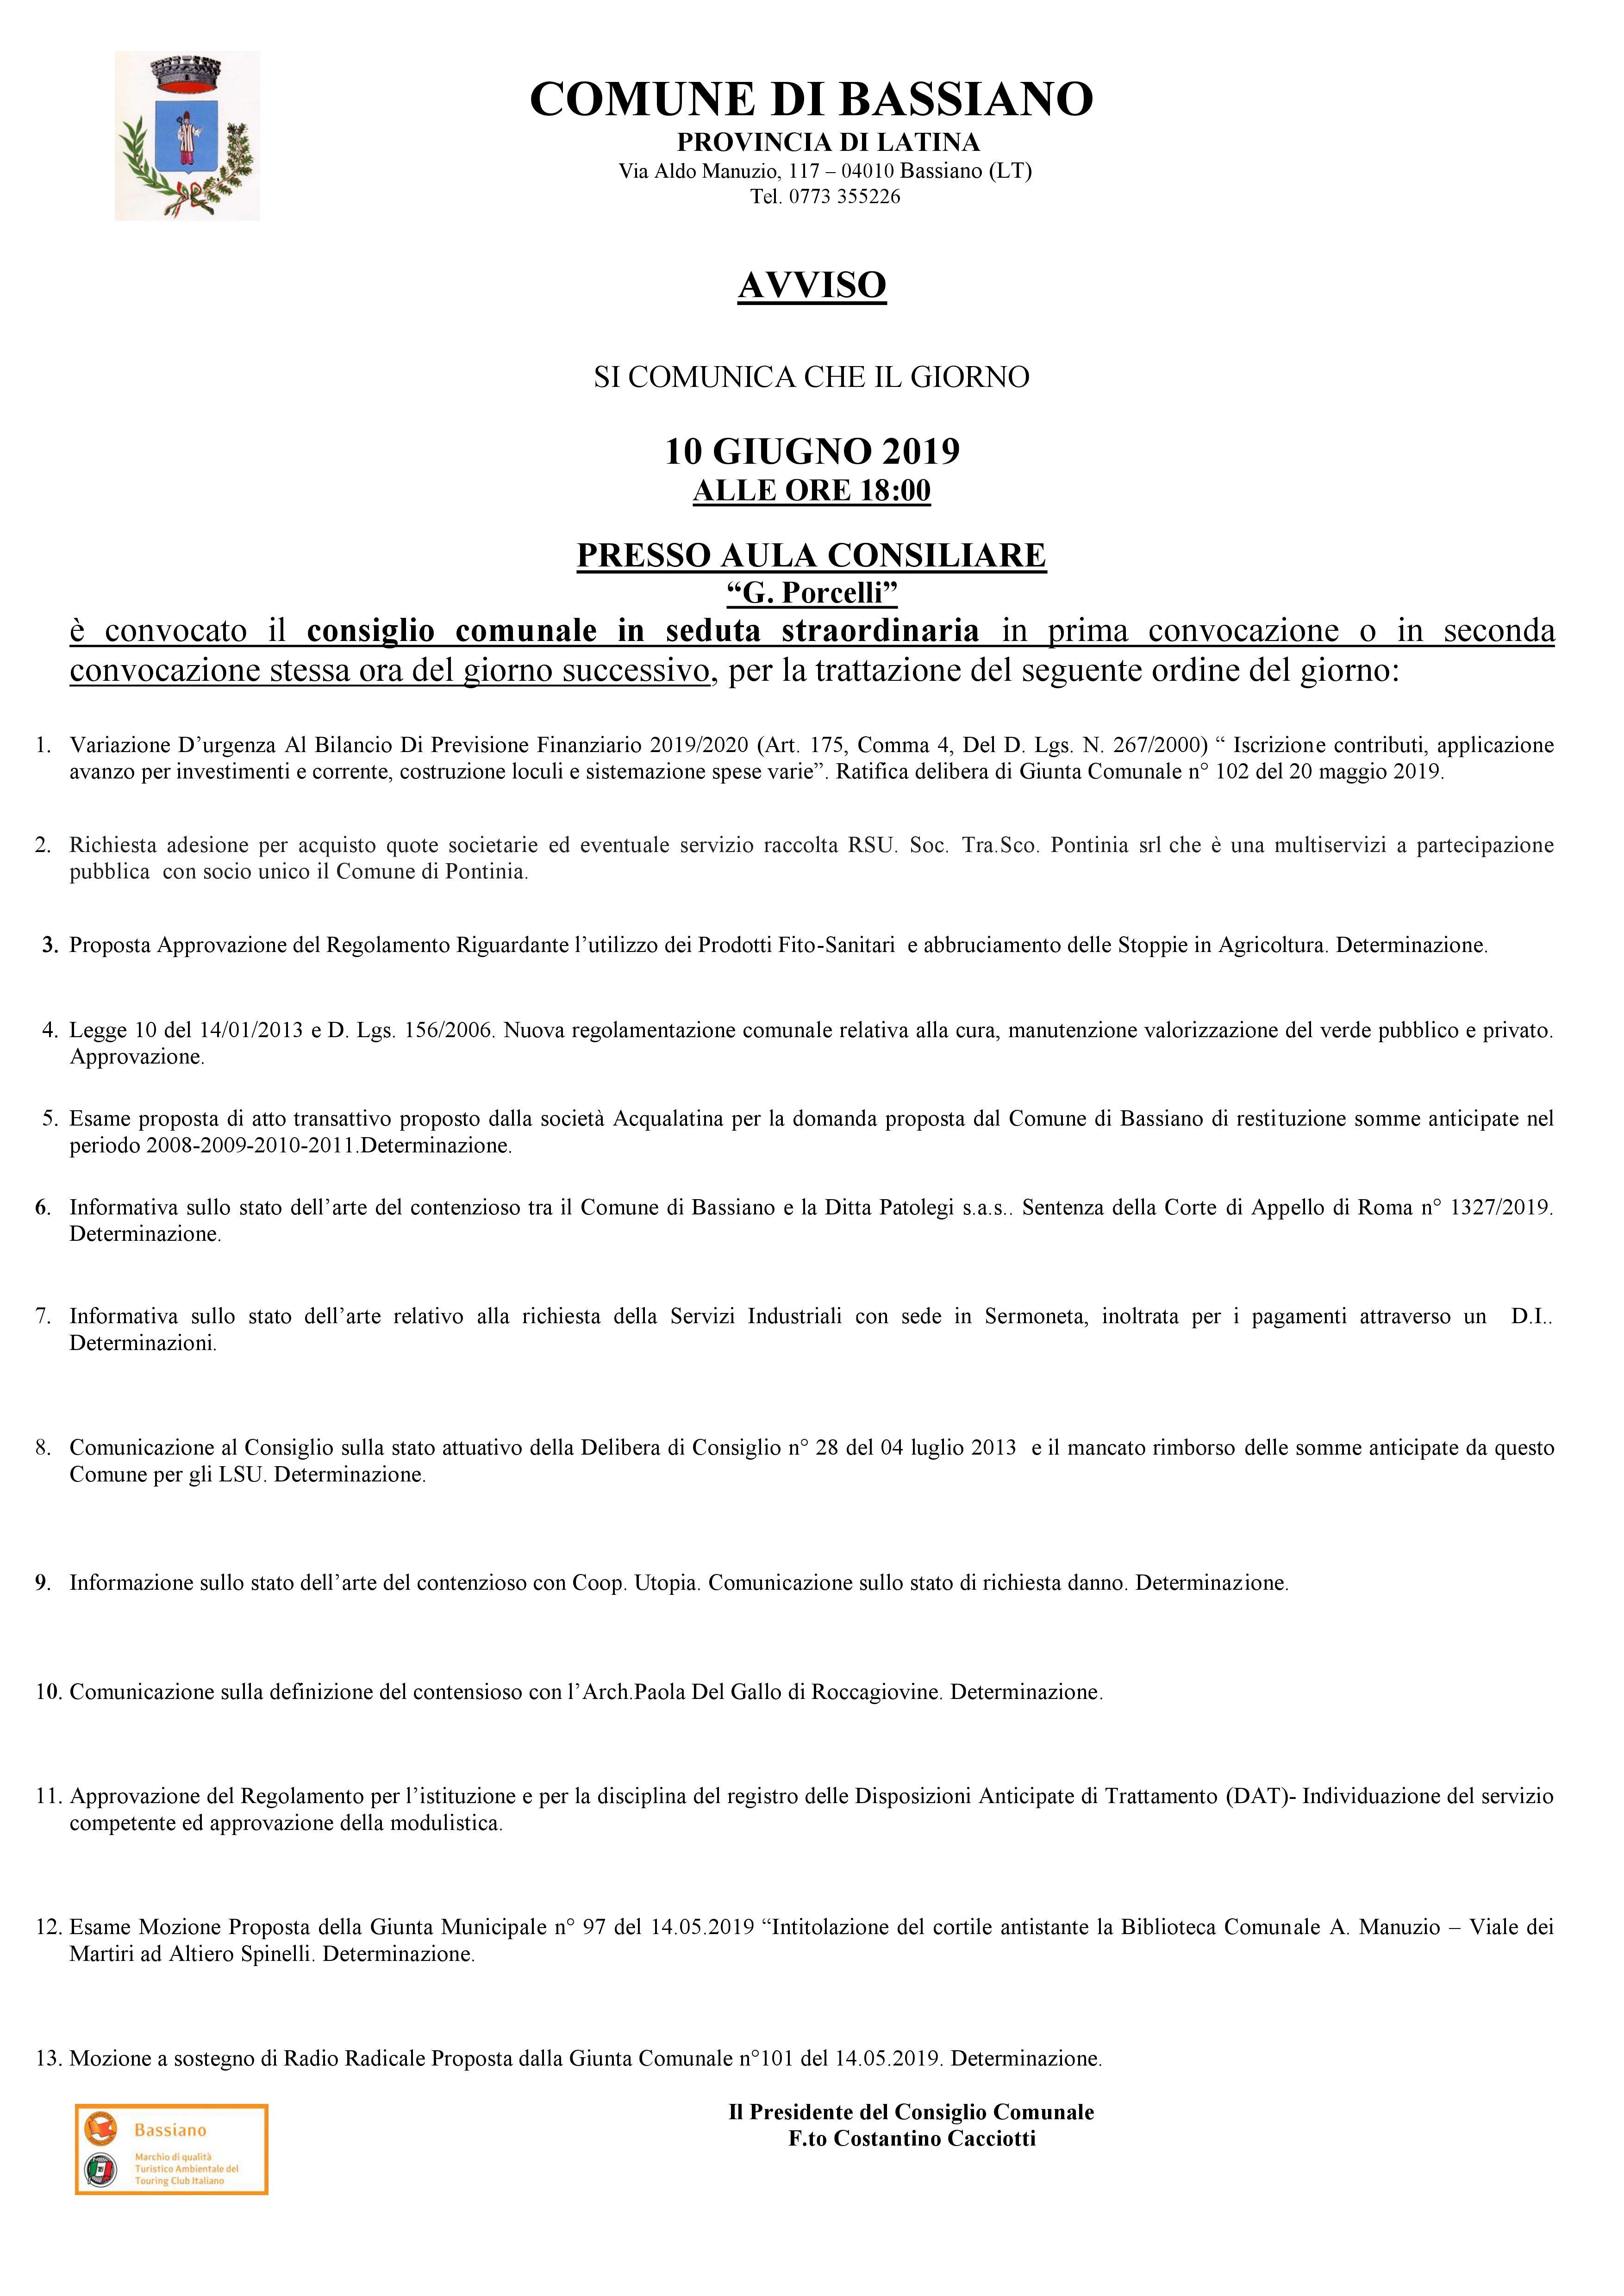 AVVISO CONSIGLIO COMUNALE DEL 10 GIUGNO 2019  ORE 18:00 PRESSO AULA CONSILIARE